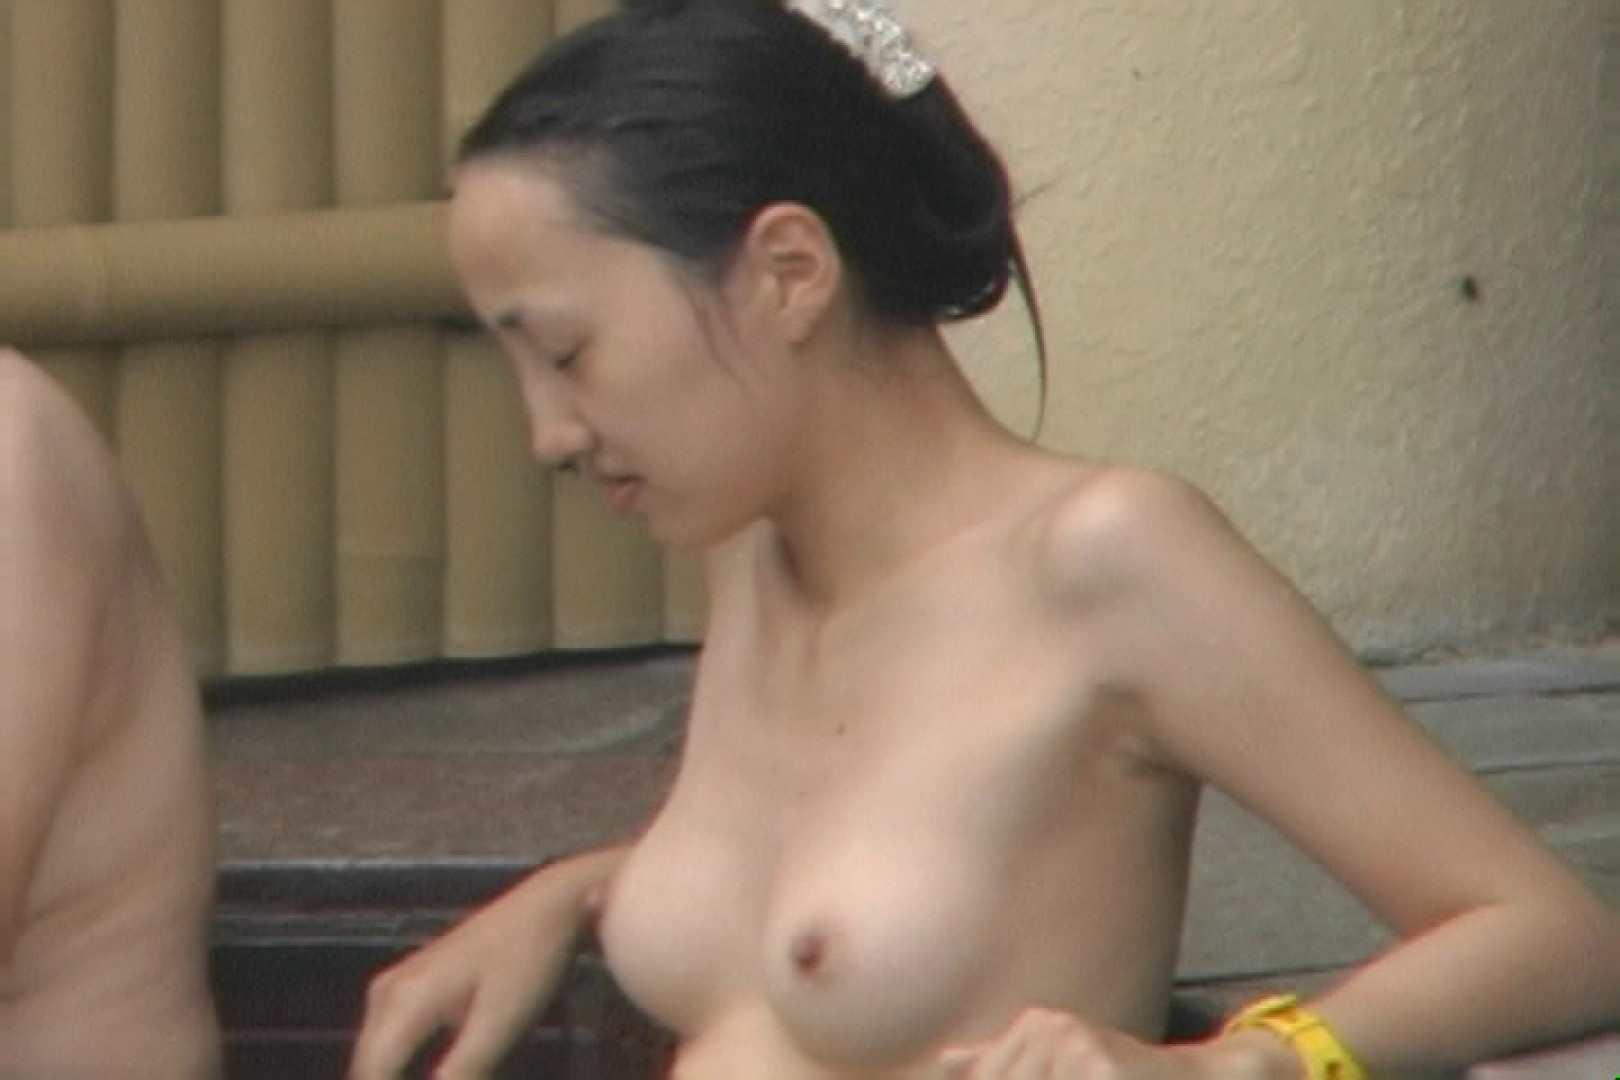 Aquaな露天風呂Vol.41 美しいOLの裸体 | 盗撮師作品  107pic 64